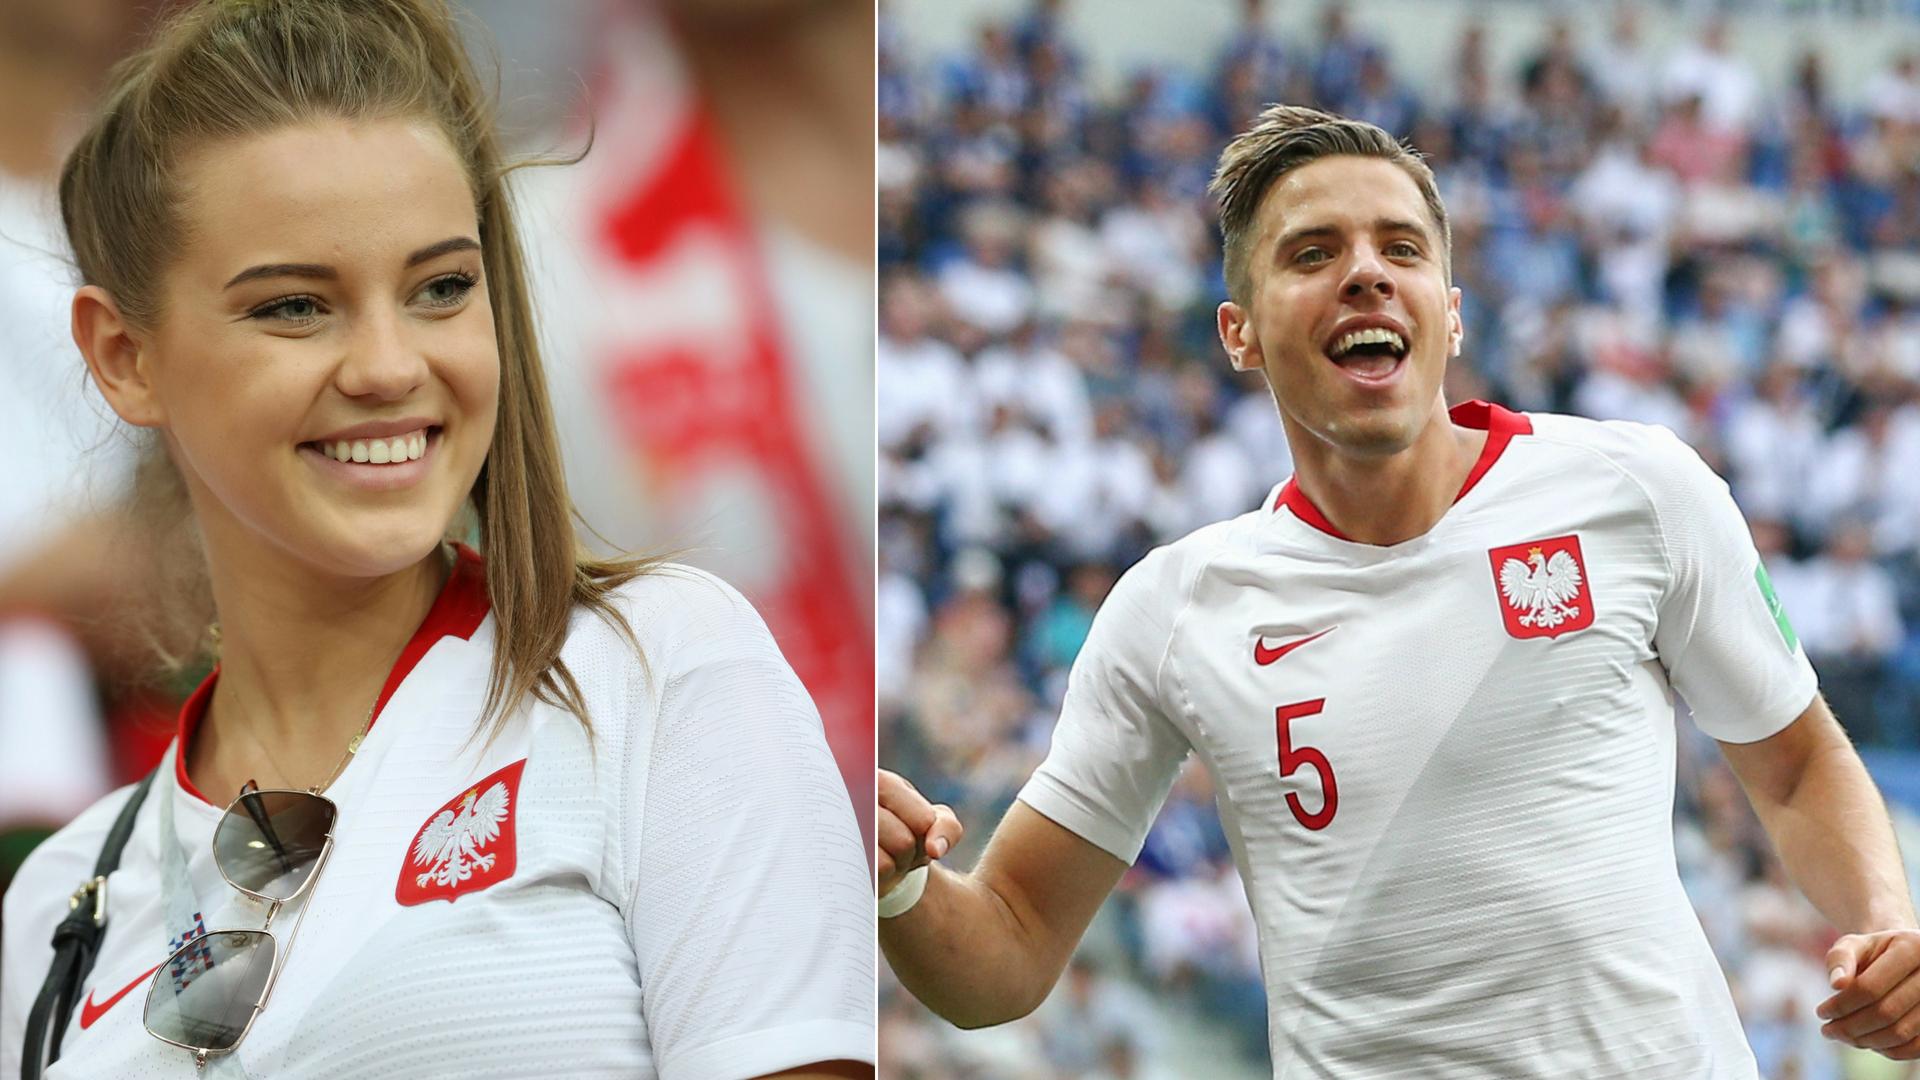 Kim jest prywatnie Jan Bednarek? To on strzelił gola w meczu Polska – Japonia